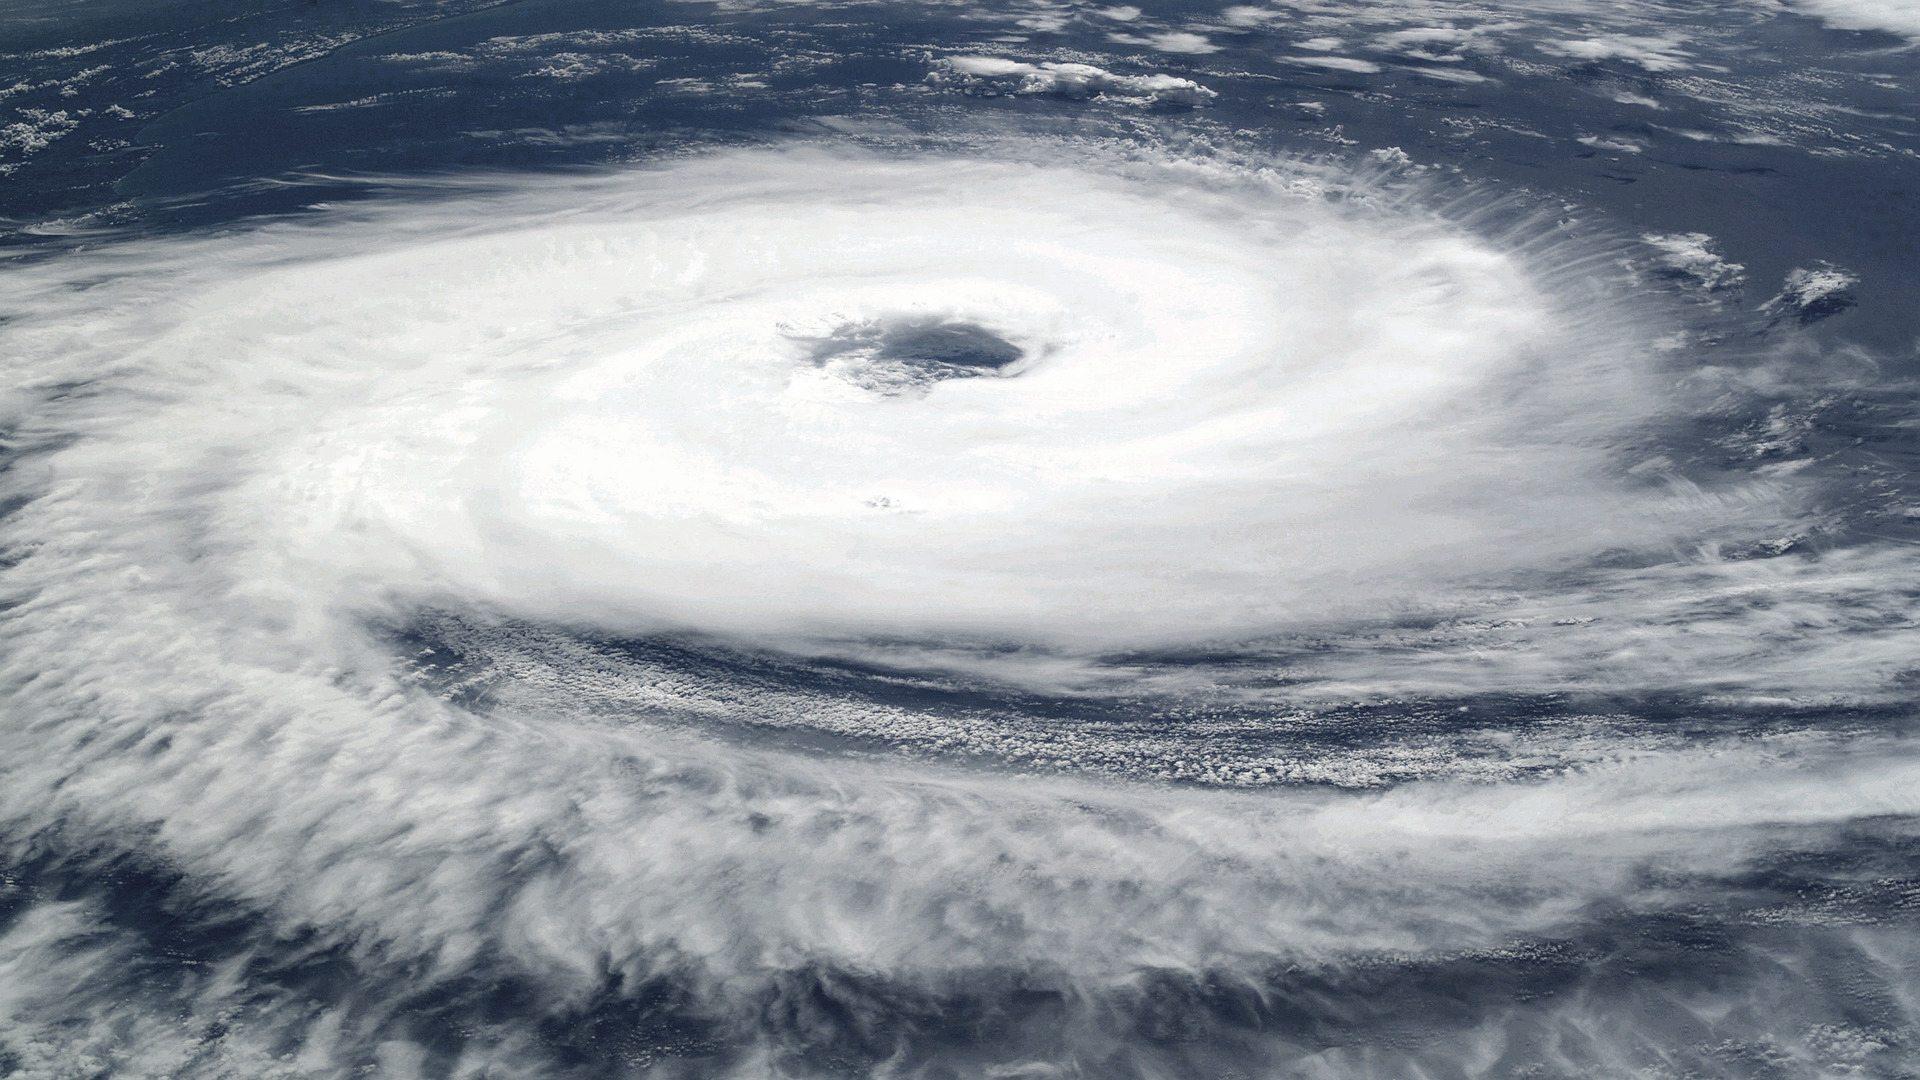 Auditorías Energéticas: En el ojo del huracán